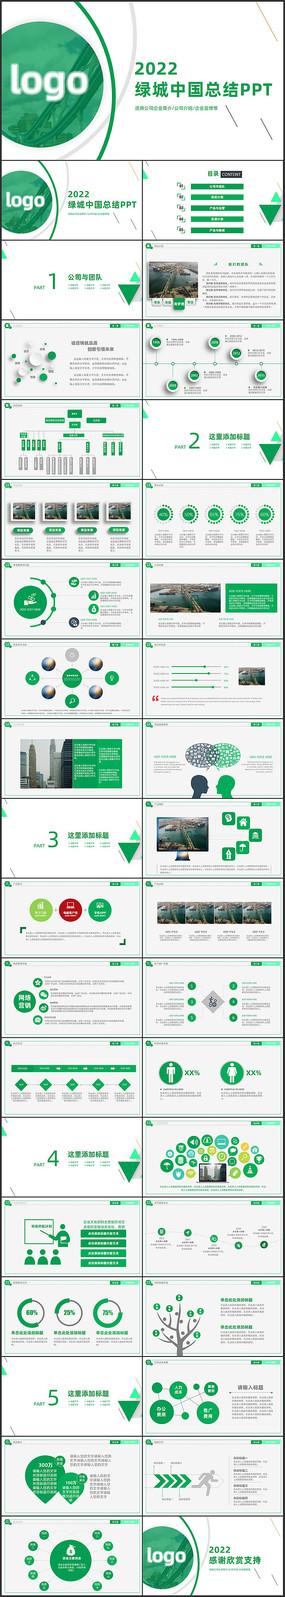 绿城中国工作汇报工作总结PPT